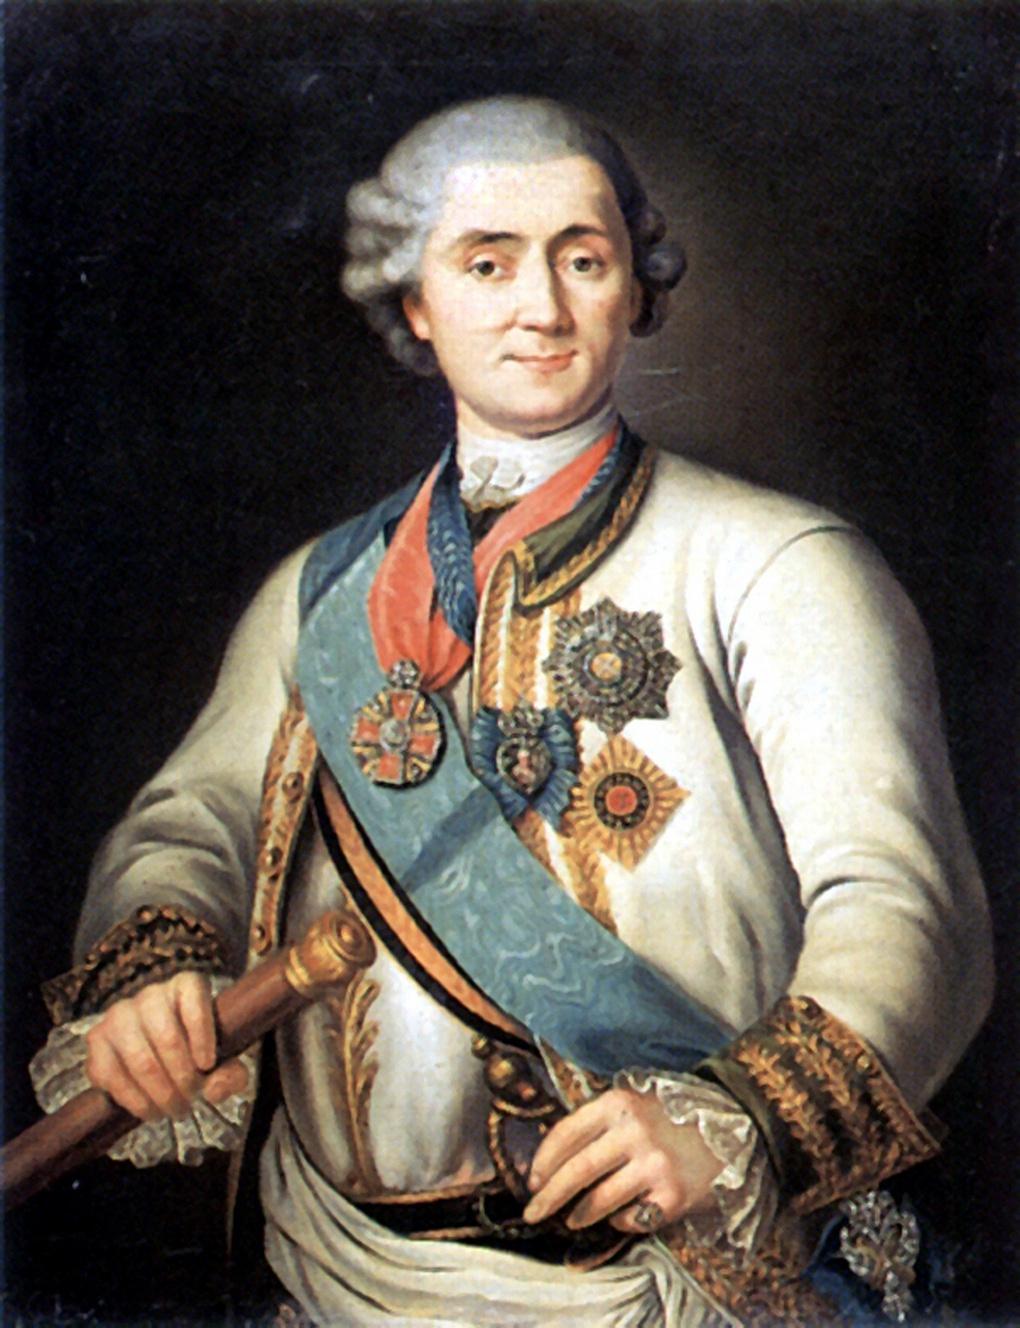 Граф Алексей Григорьевич Орлов-Чесменский.